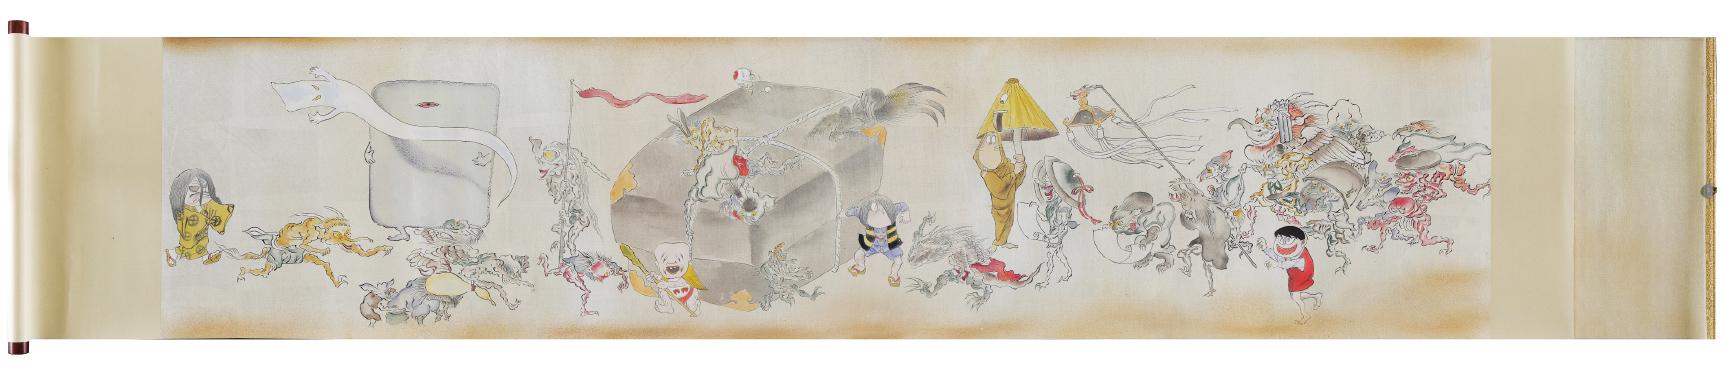 比叡山延暦寺にまつわる妖怪と『ゲゲゲの鬼太郎』のキャラクターたちが描かれた絵巻物